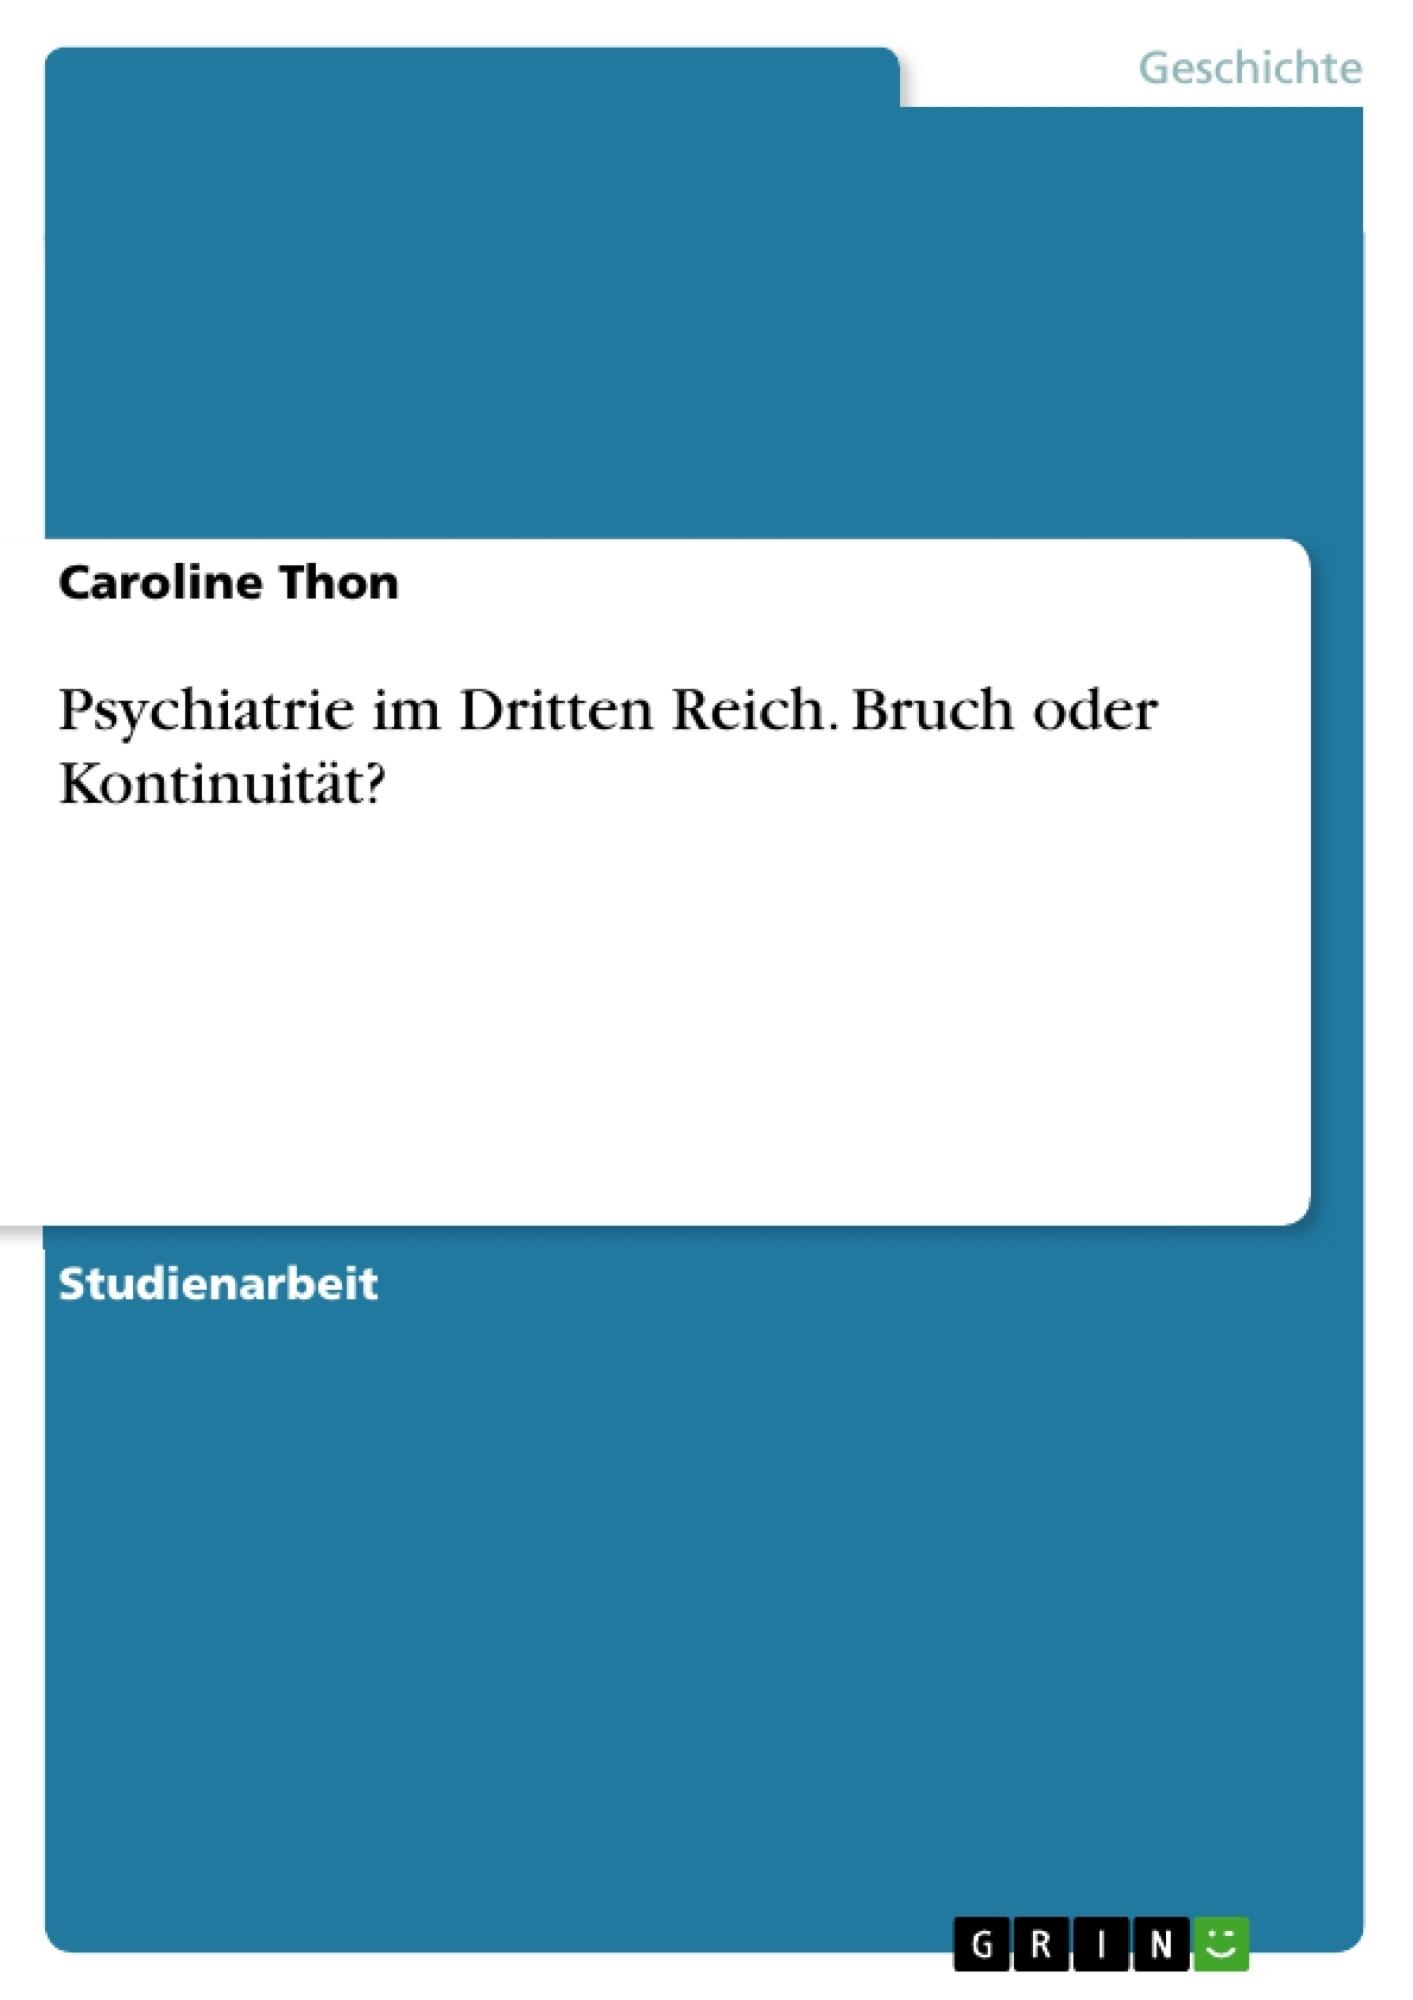 Titel: Psychiatrie im Dritten Reich. Bruch oder Kontinuität?